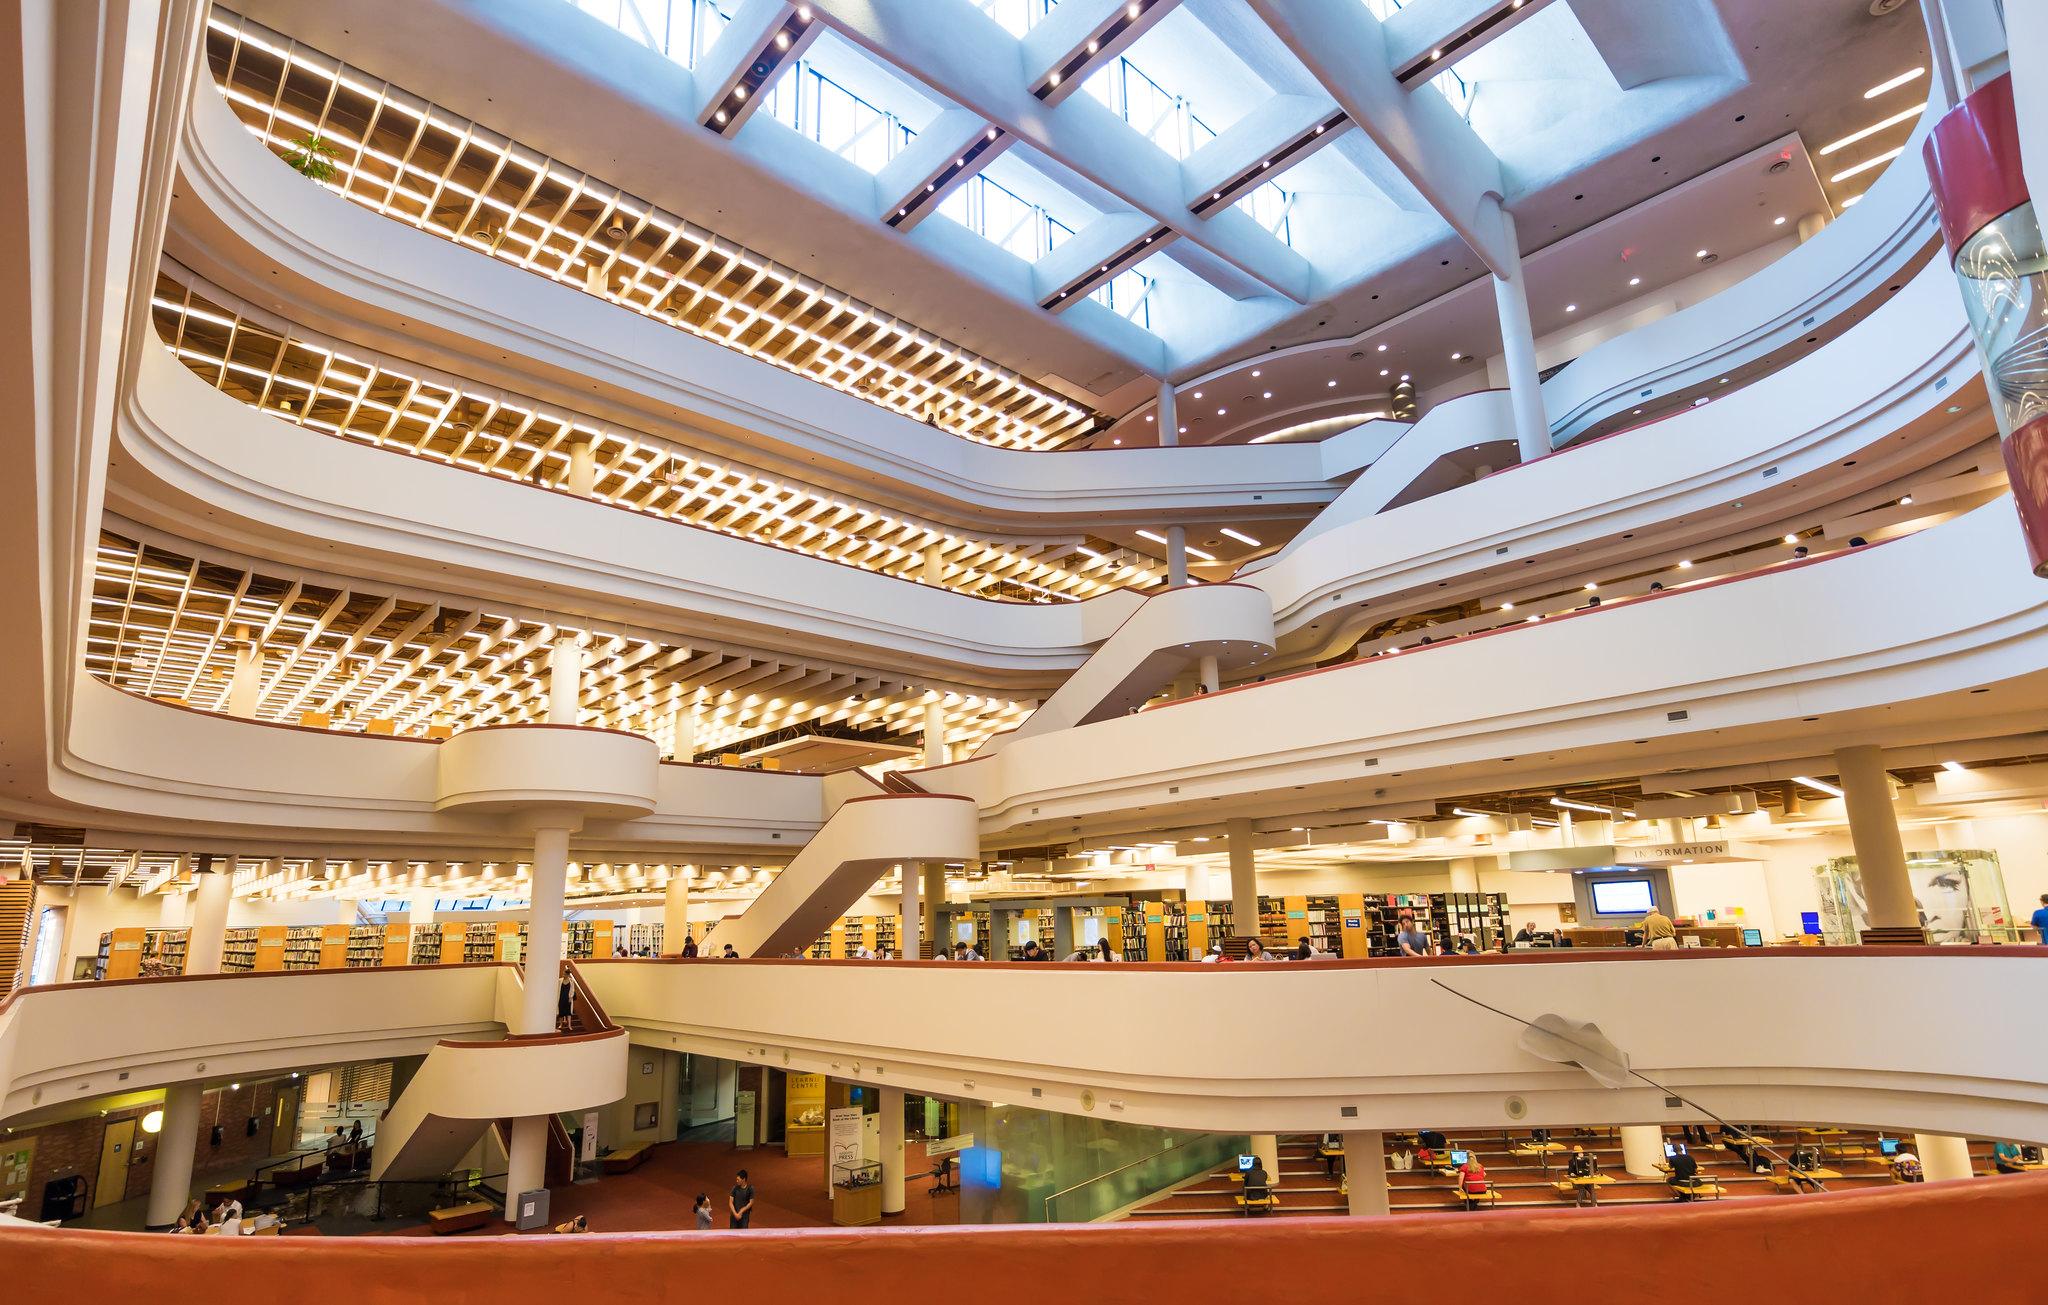 Toronto Reference Library Atrium